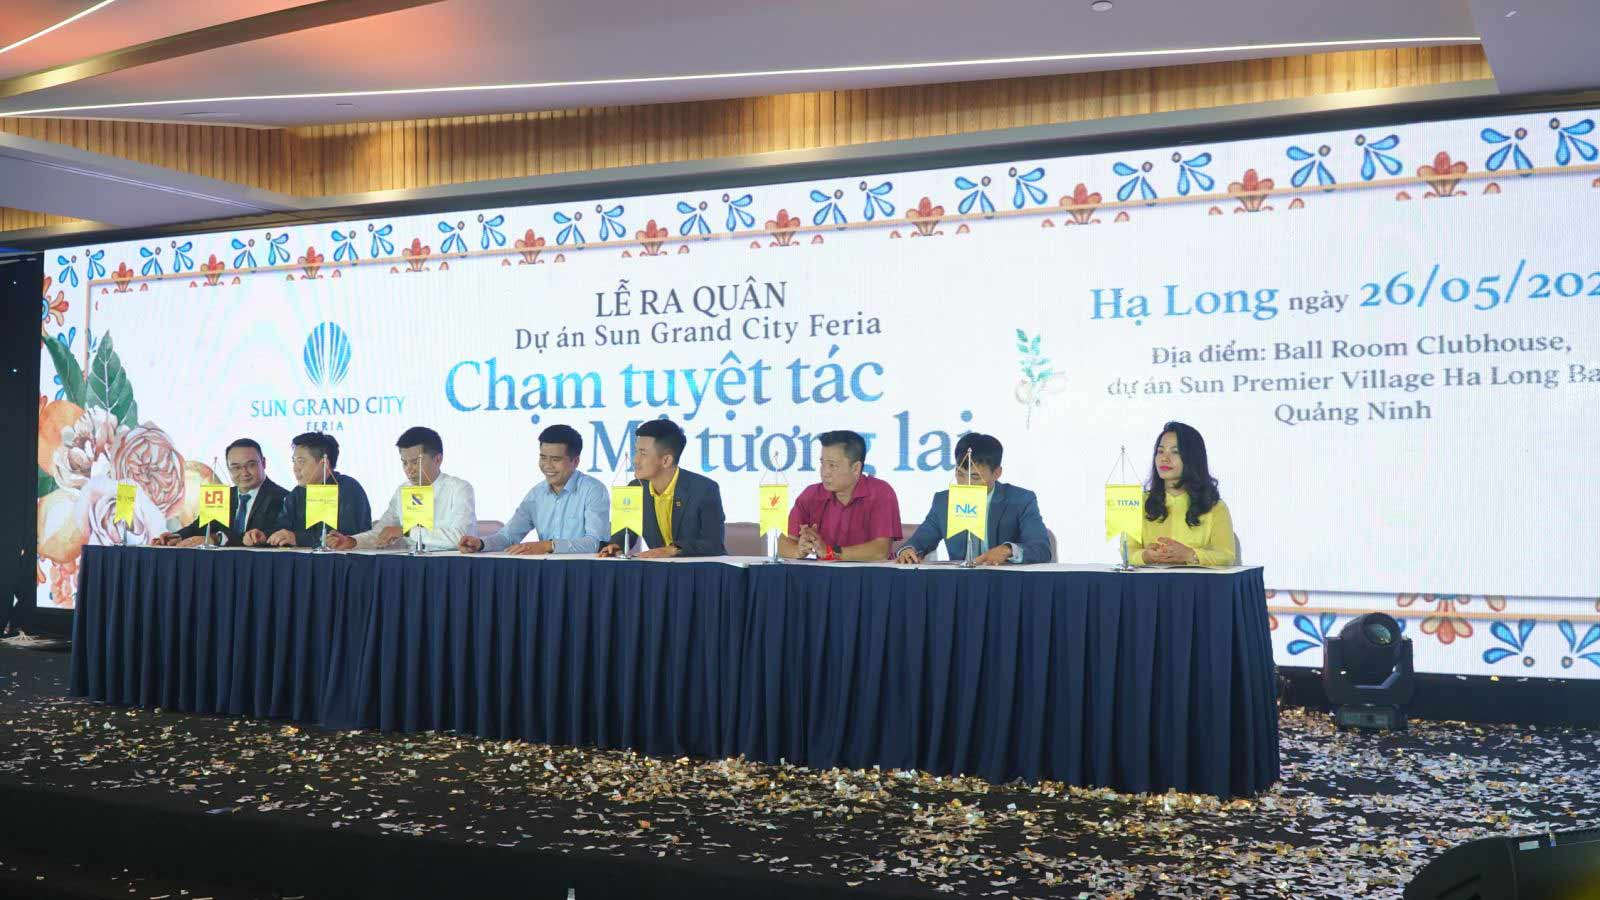 Lễ ký kết hợp tác dự án Sun Grand City giữa tập đoàn Sun Group với các đại lý